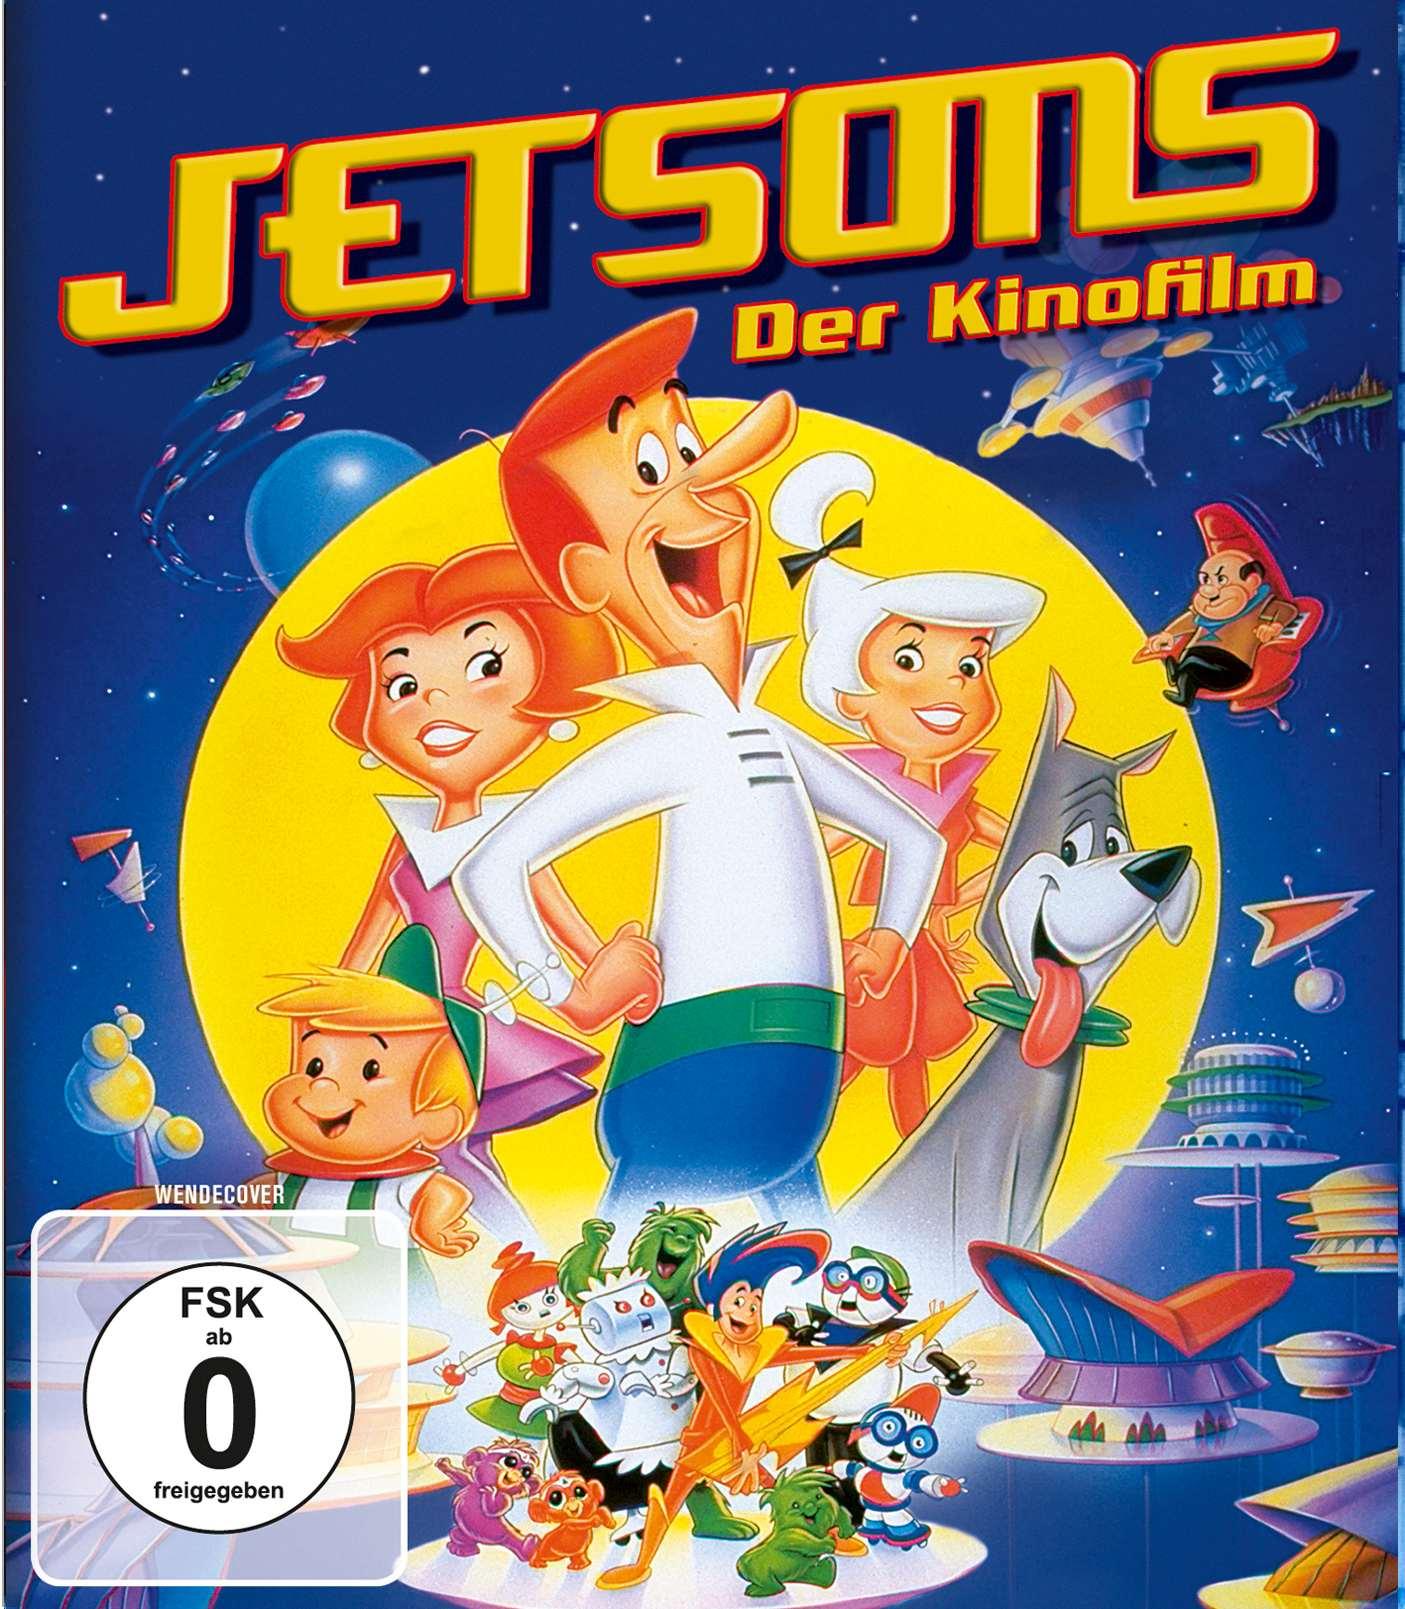 Die Jetsons Deutsch